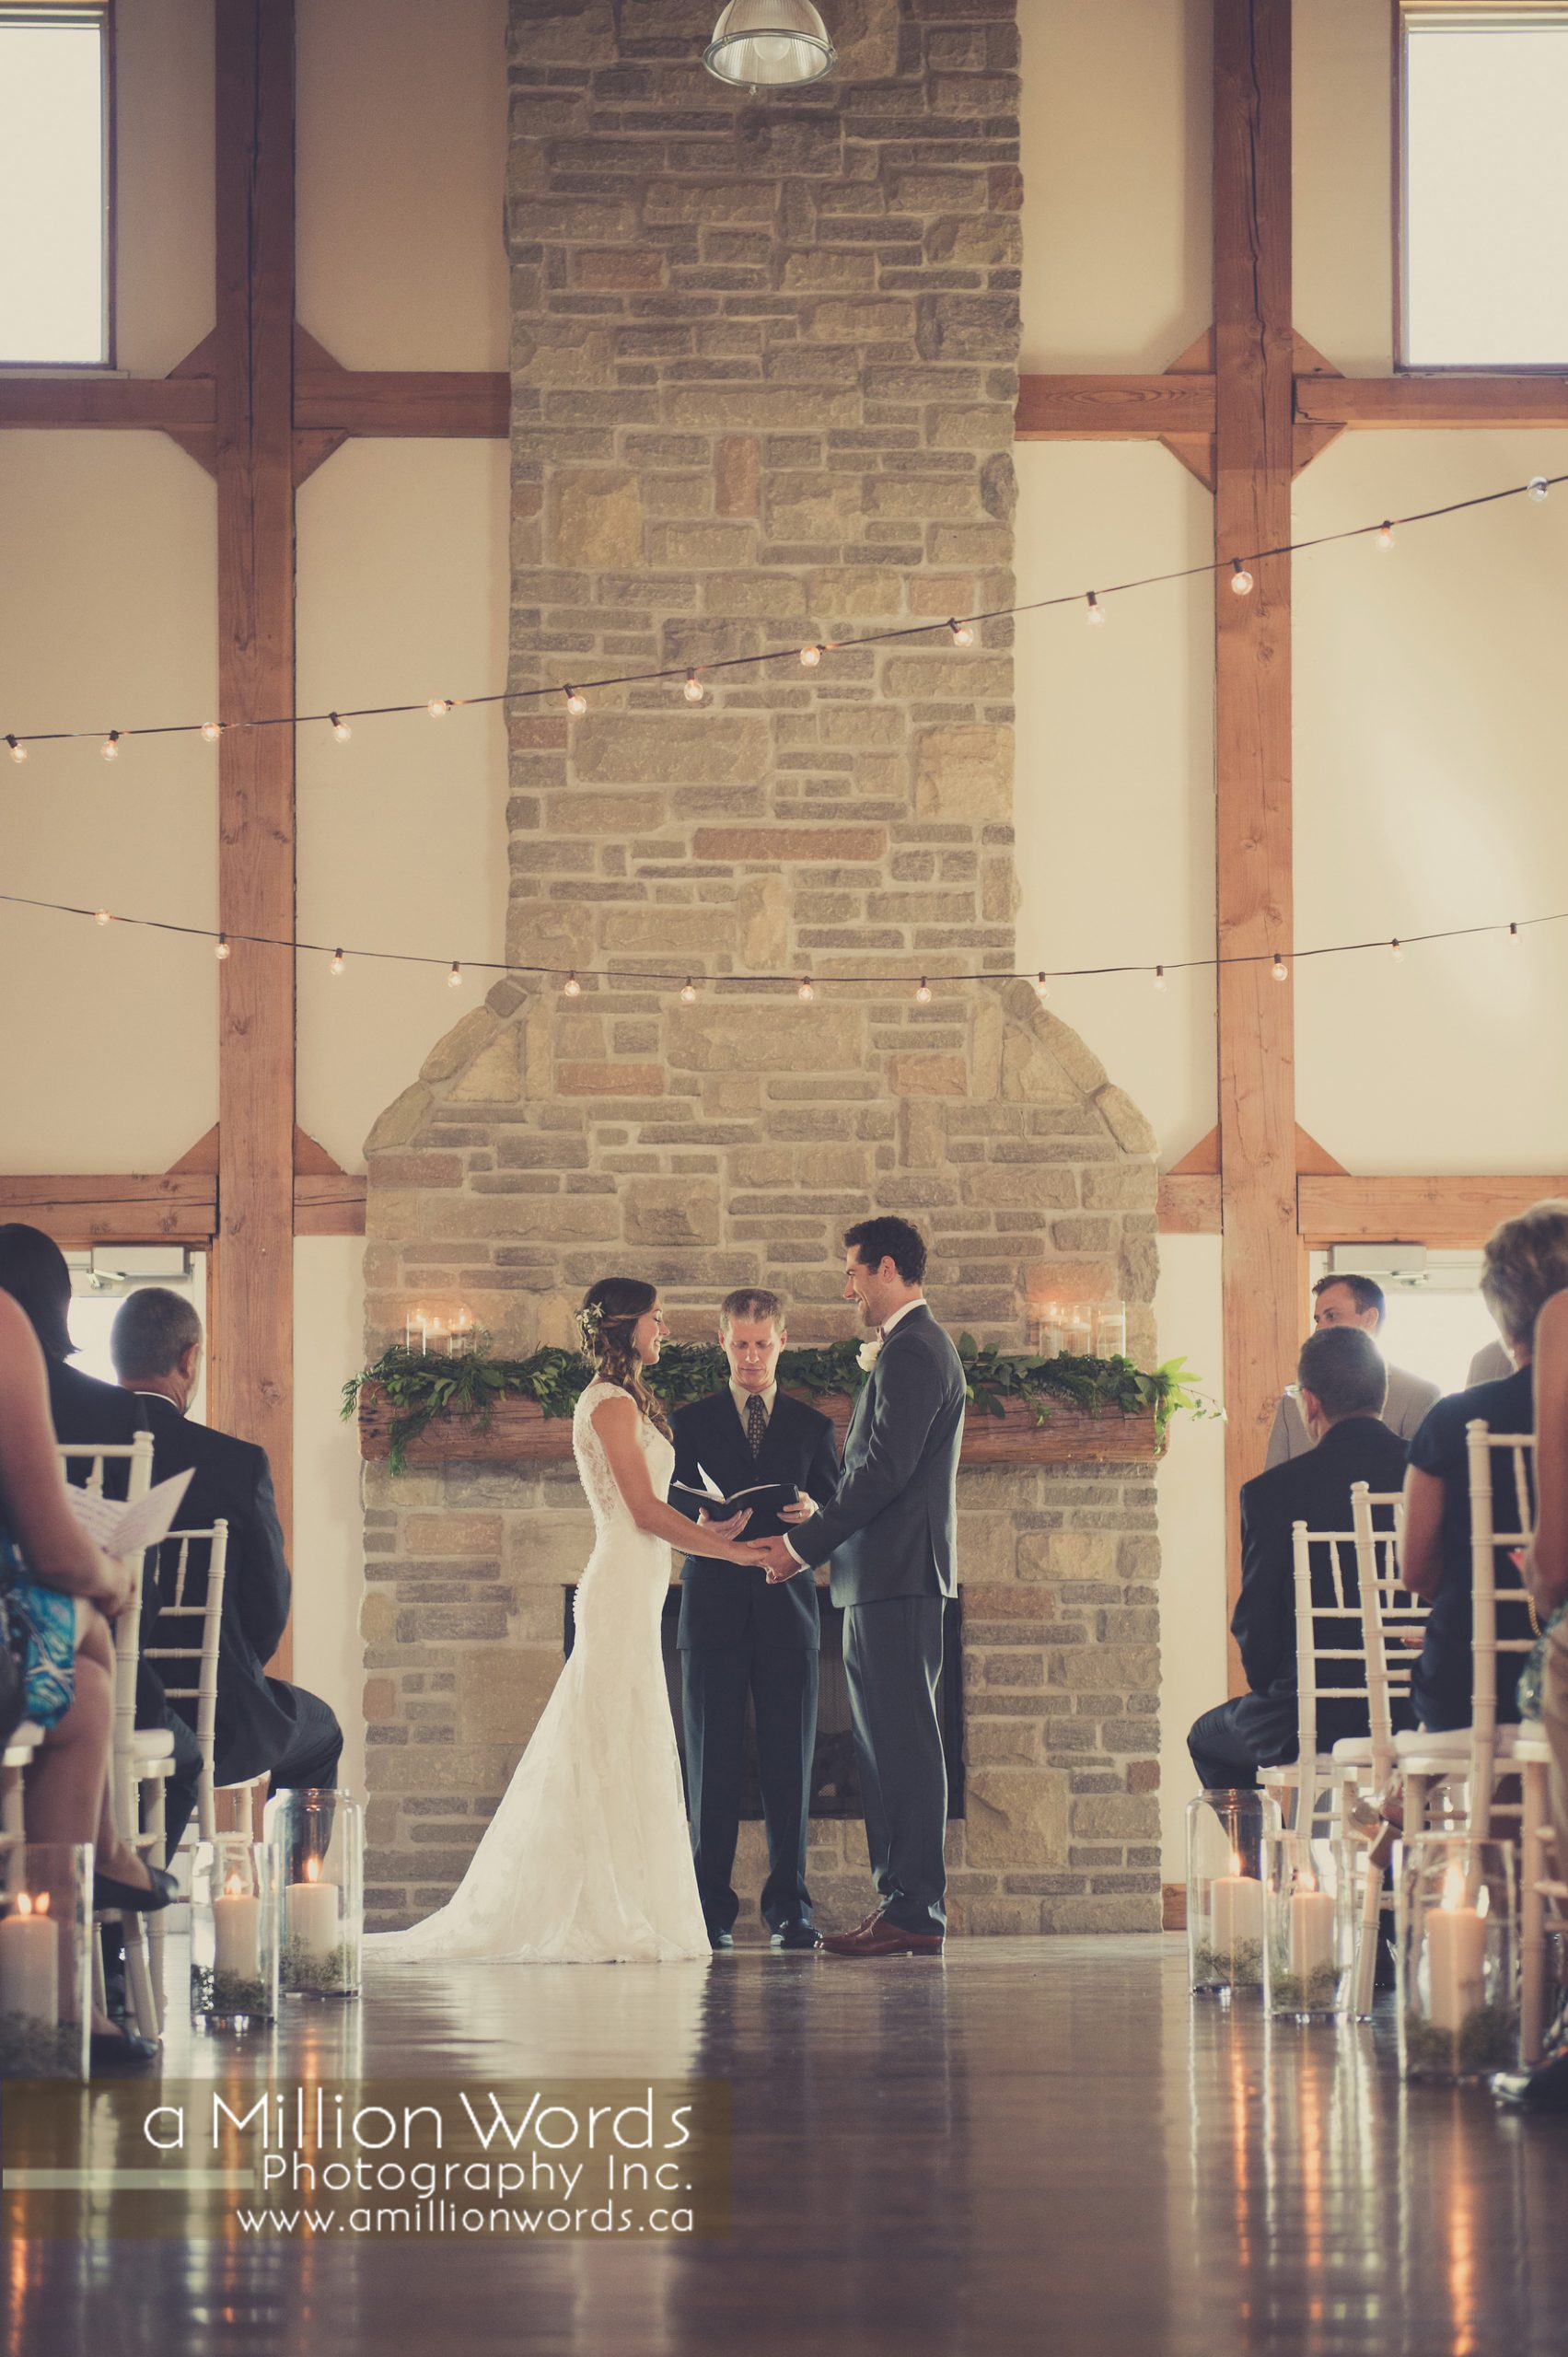 kw_wedding_photography27